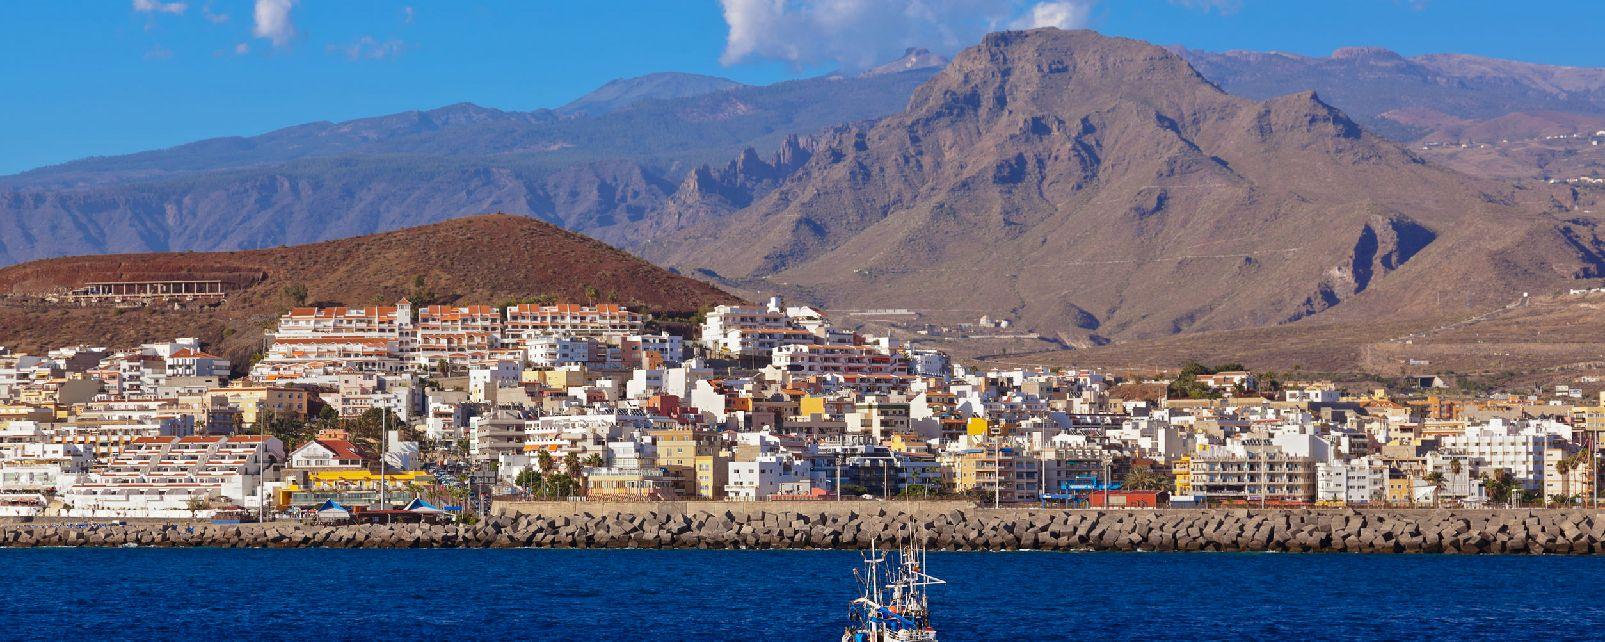 Volo Hotel Tenerife Los Cristianos